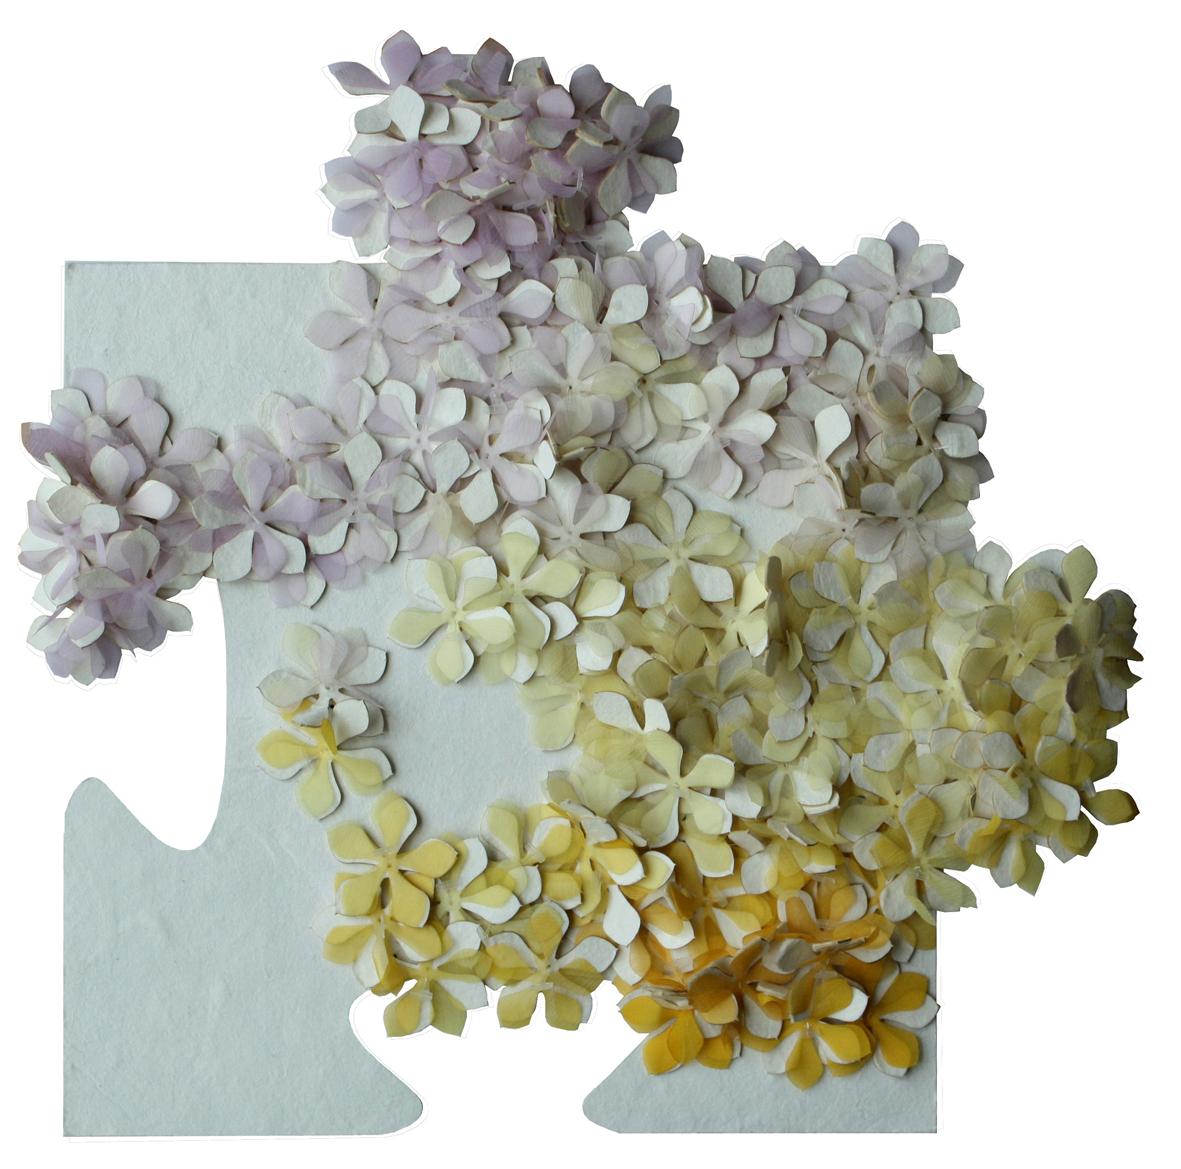 http://3.bp.blogspot.com/-fmR3q1b6fCU/Tzl-IjXT3SI/AAAAAAAAAkk/ZQYQMHqFQZA/s1600/flower.jpg